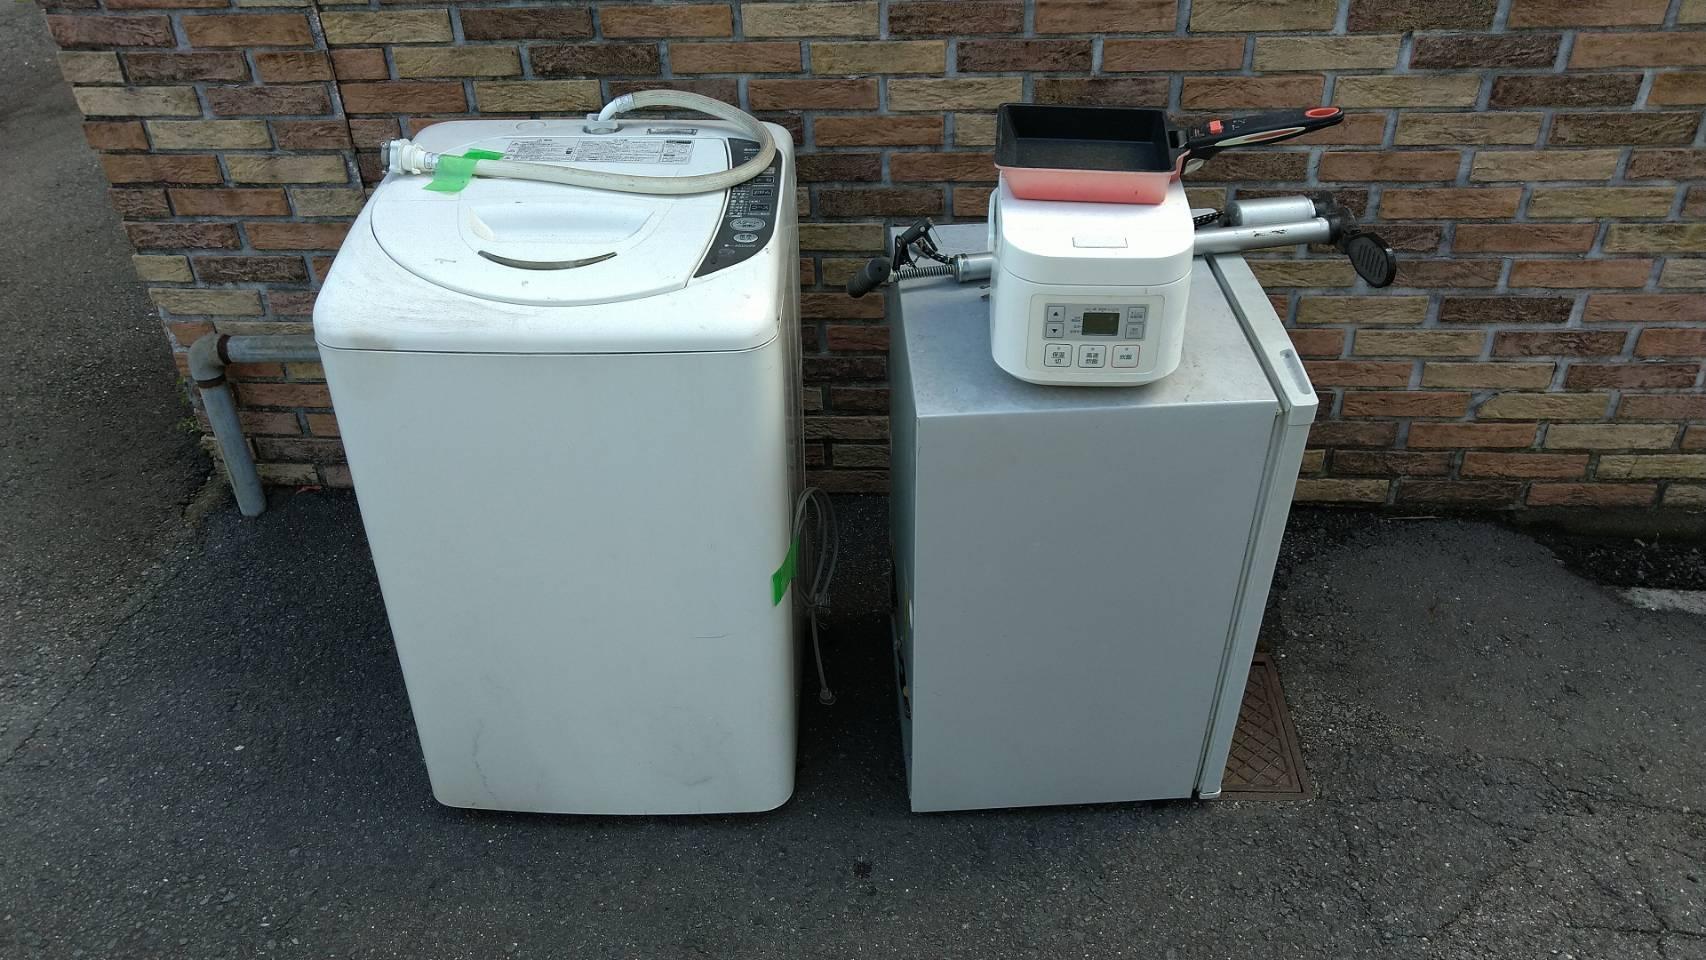 洗濯機、冷蔵庫、炊飯器、フライパンの回収前